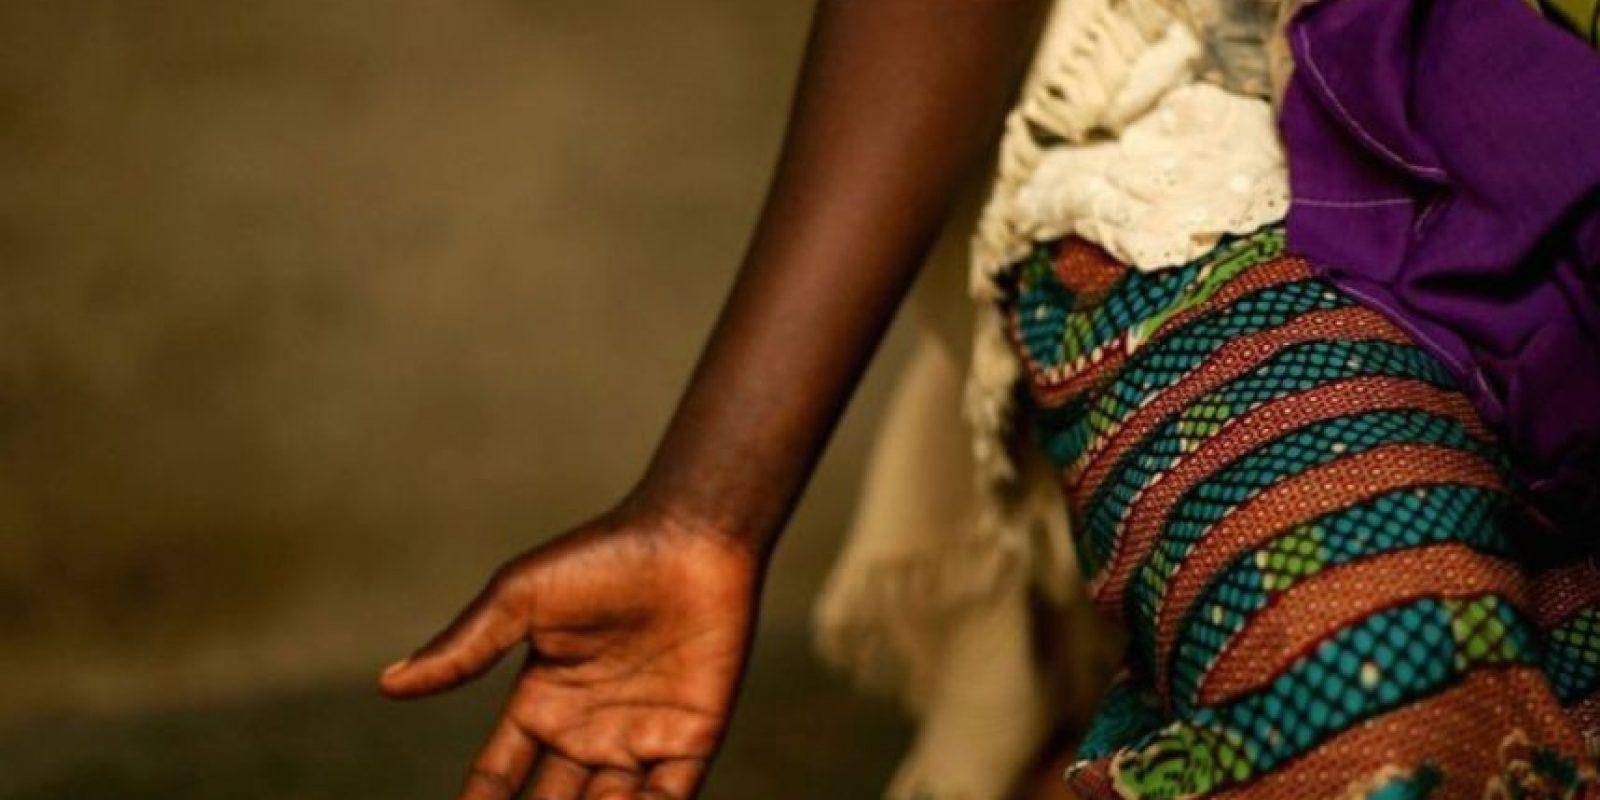 Del número de desaparecidos el 70% son mujeres. Foto:vía Getty Images